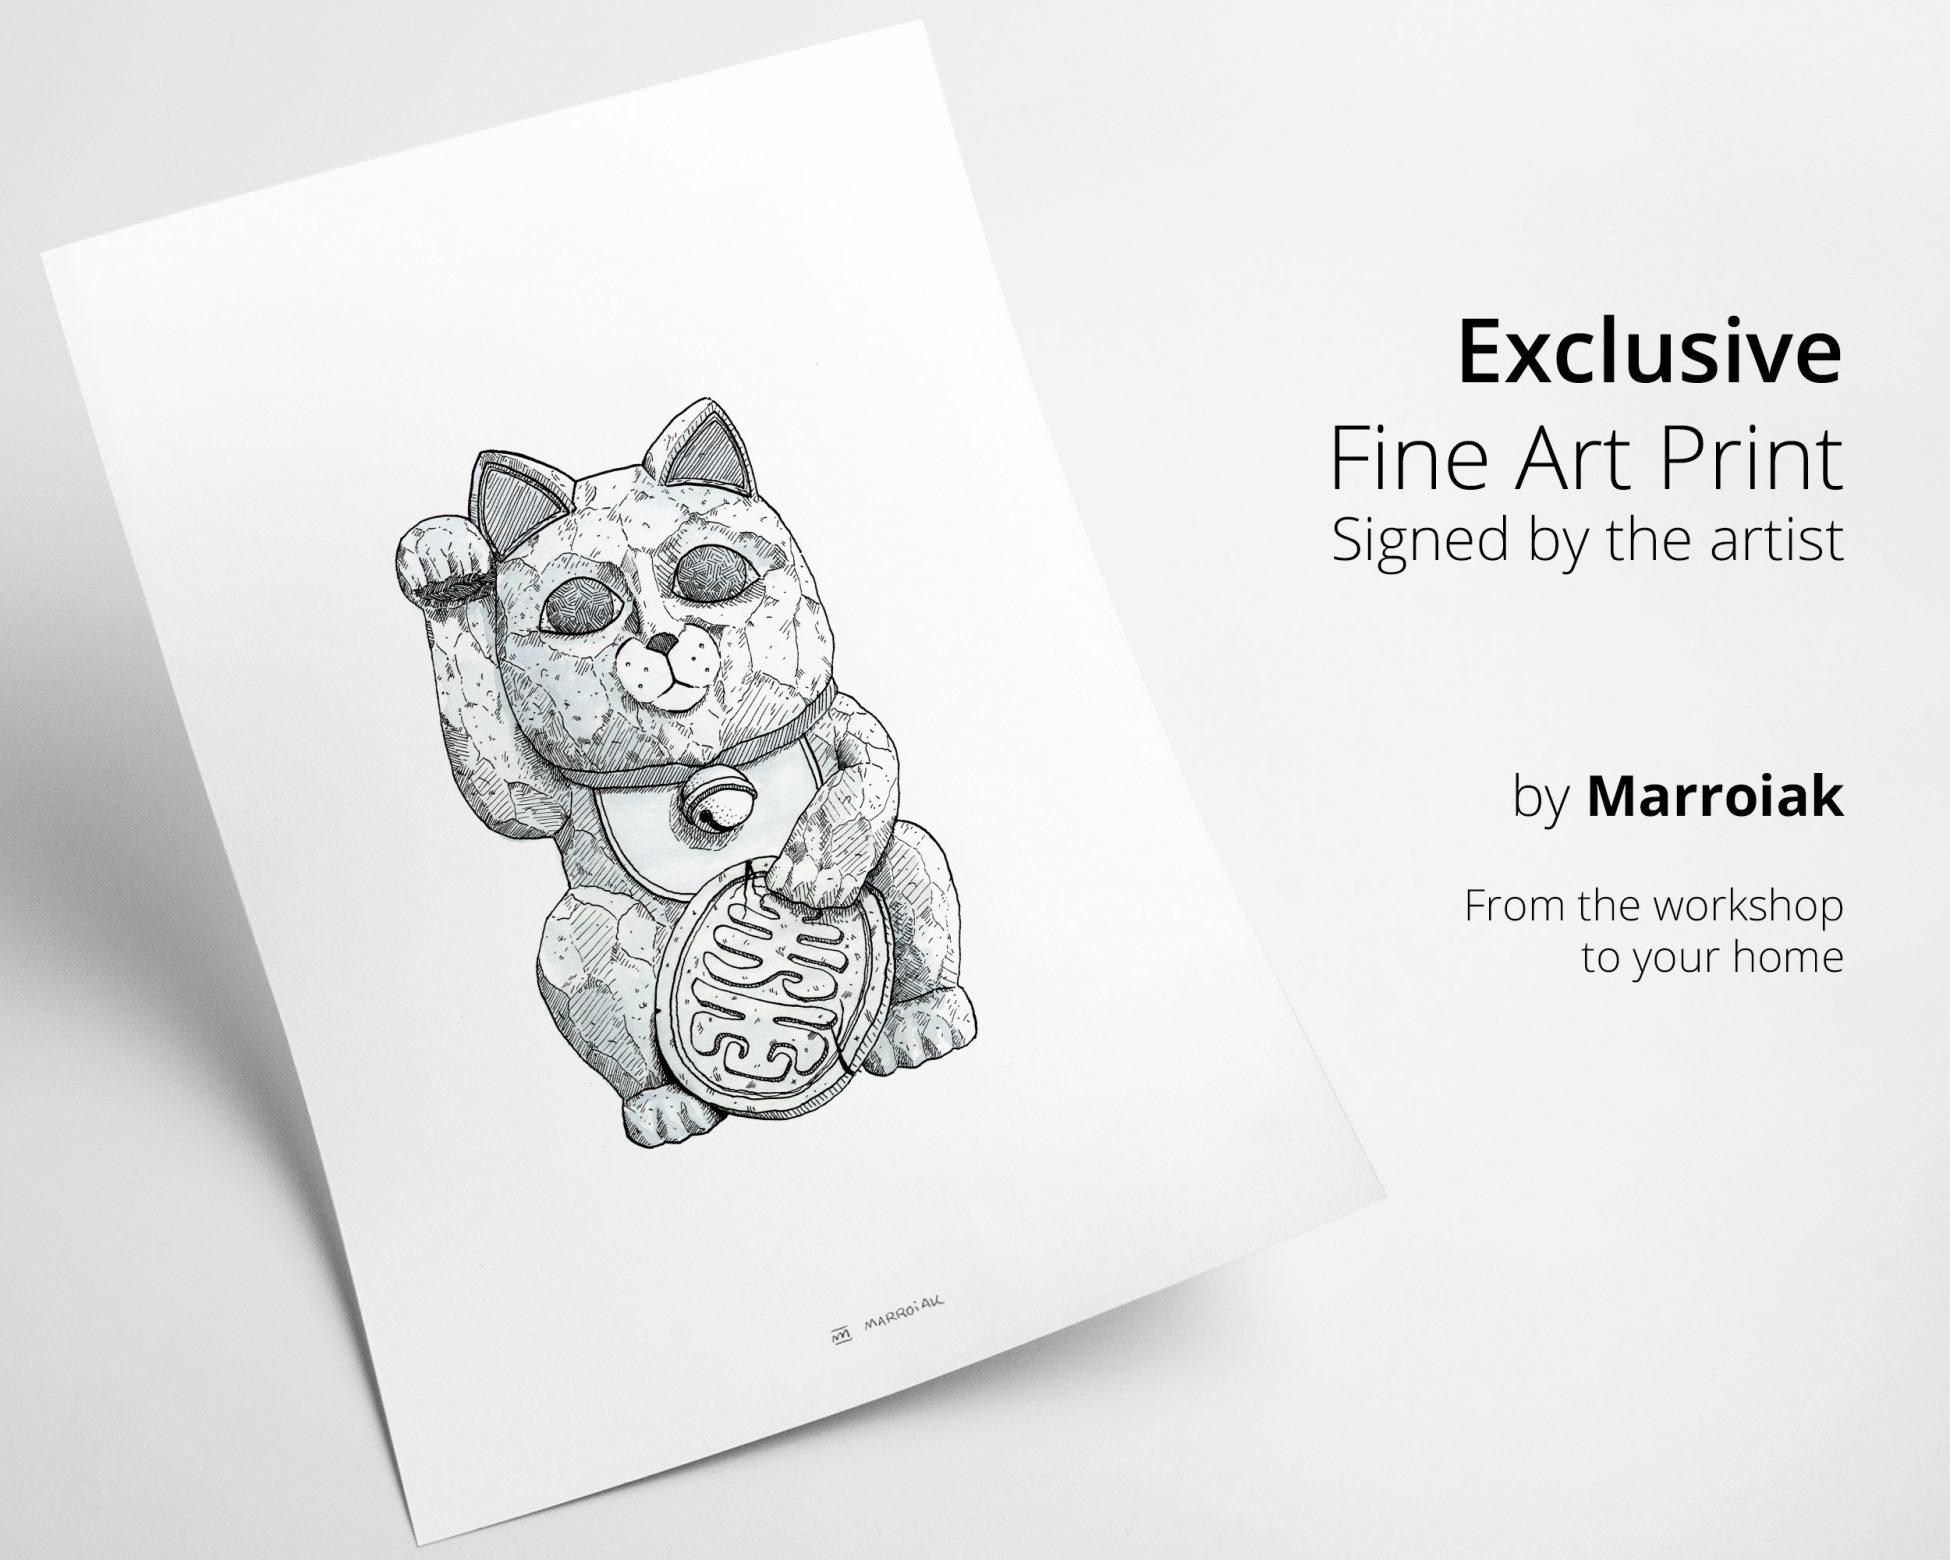 Lámina para enmarcar con un dibujo en blanco y negro de un gato de la suerte japonés en estilo comic y manga. Cuadros para decorar